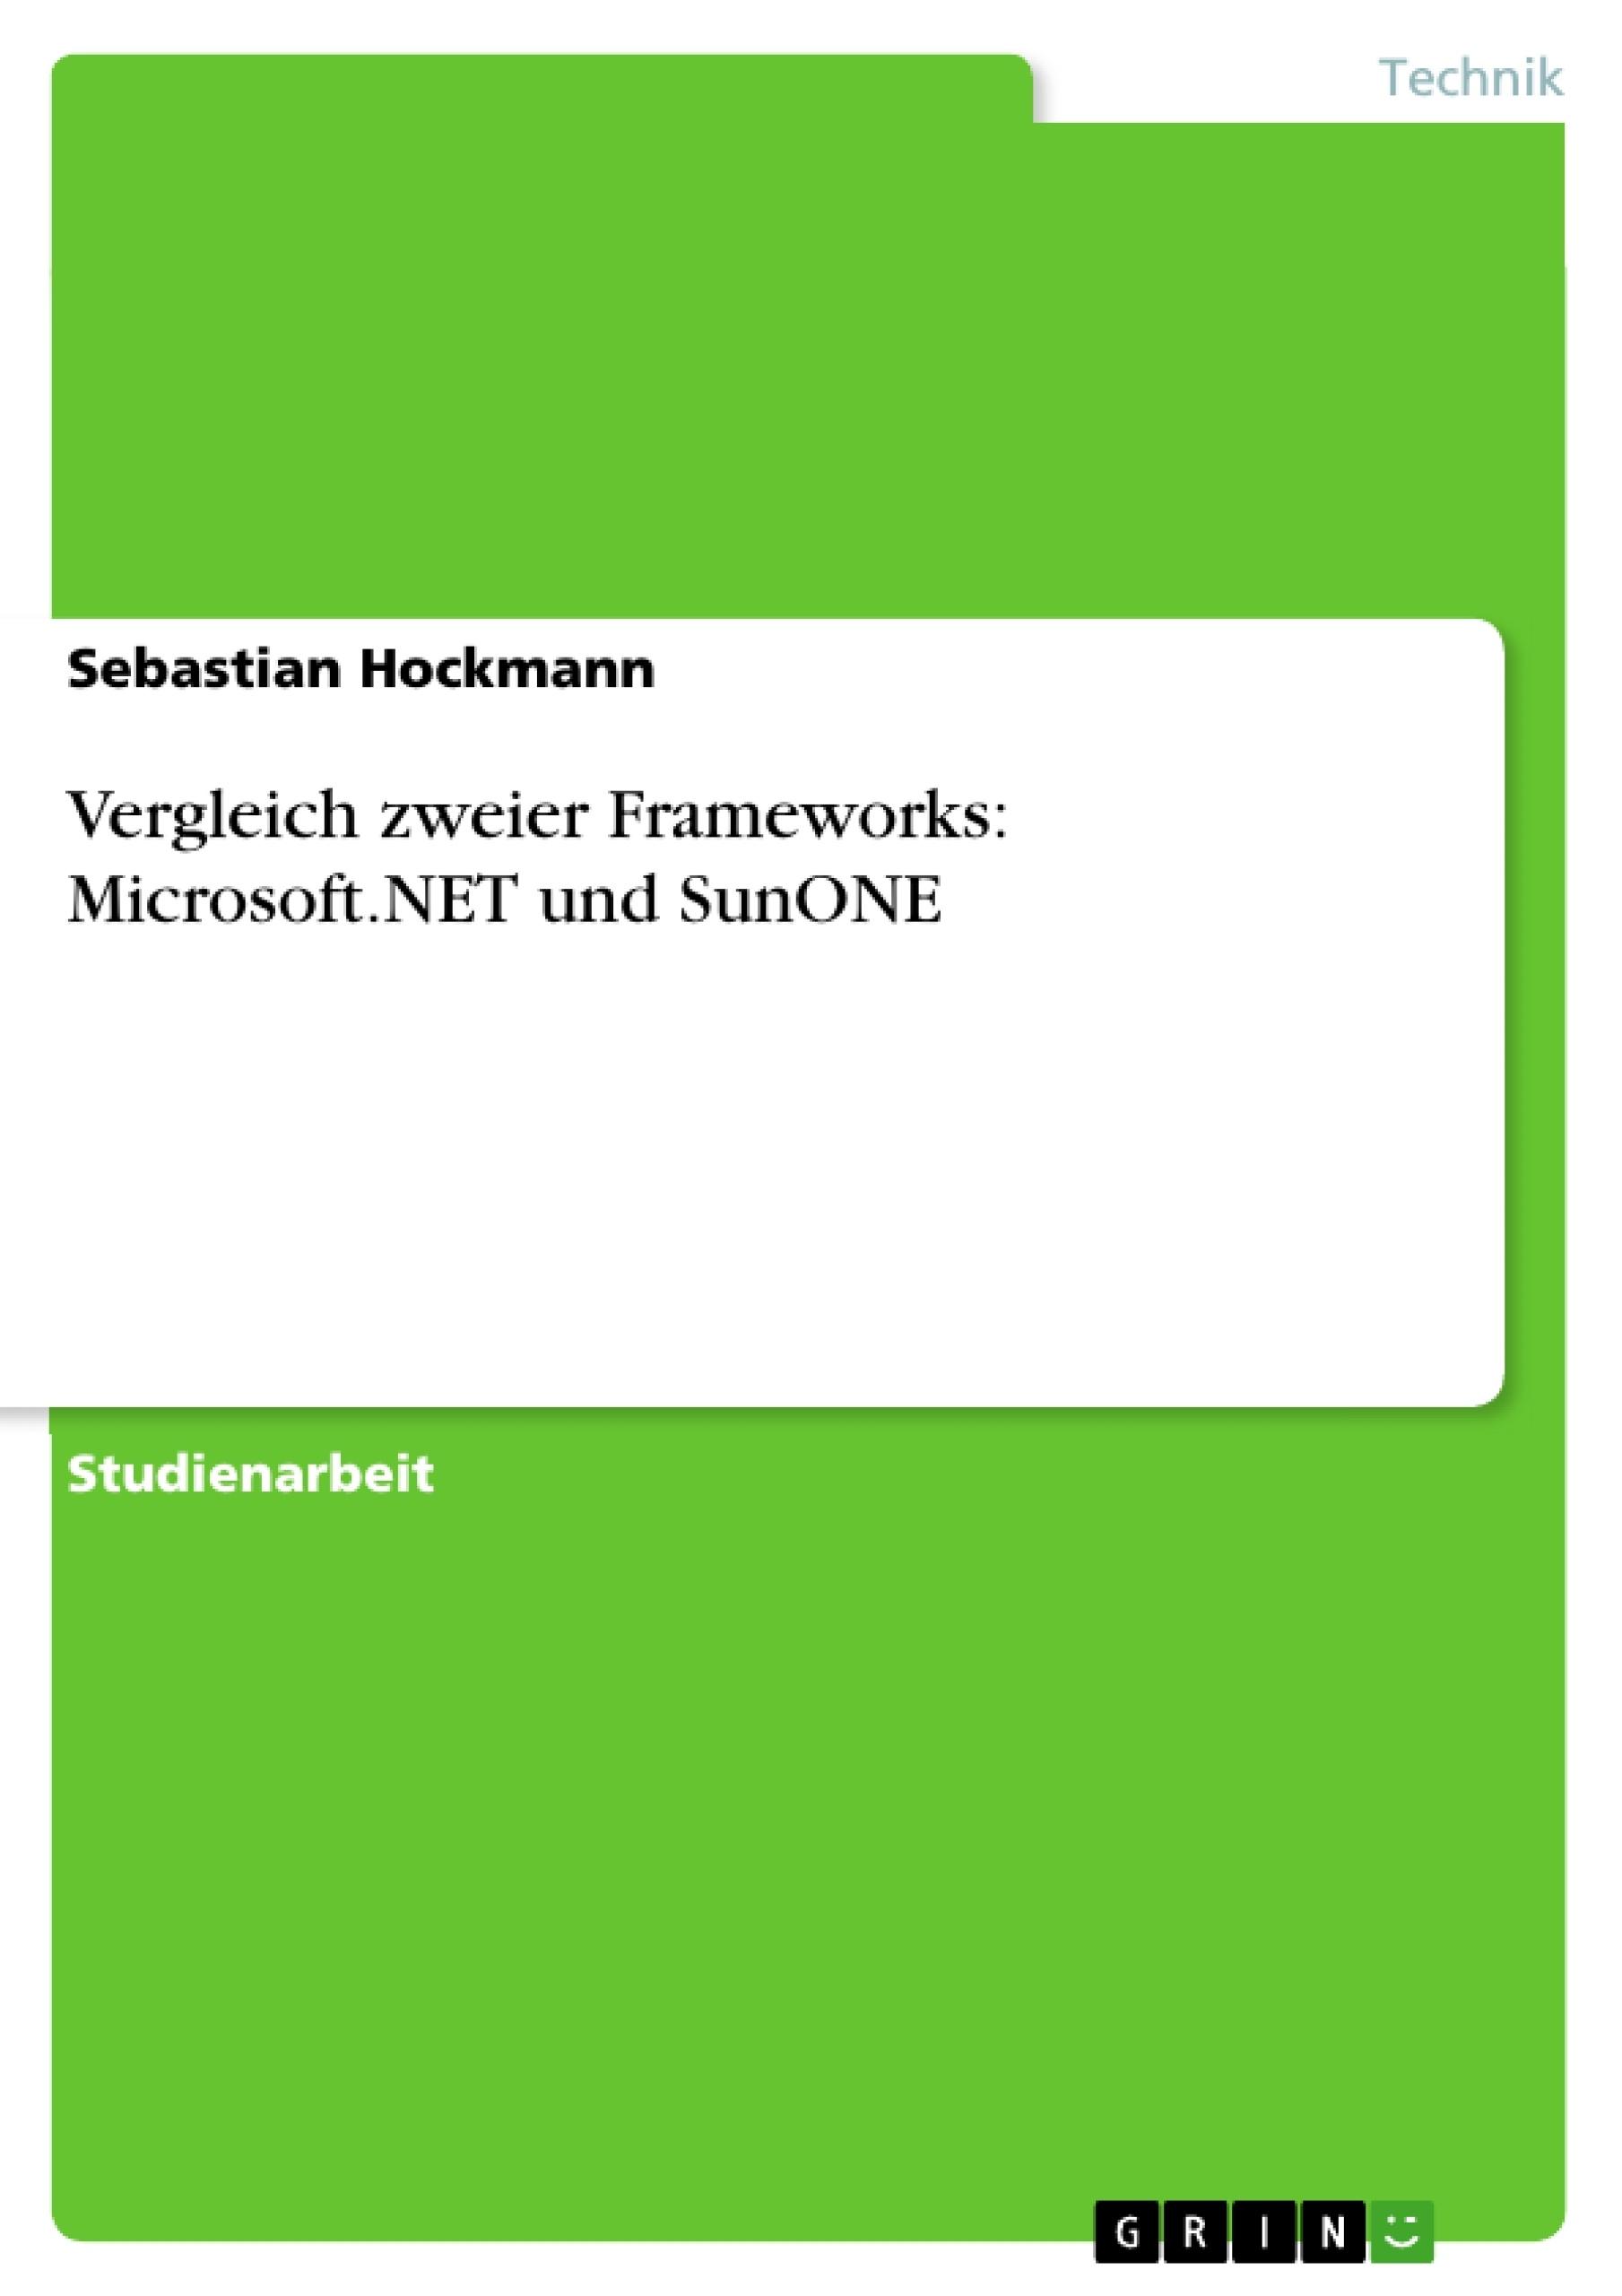 Titel: Vergleich zweier Frameworks: Microsoft.NET und SunONE